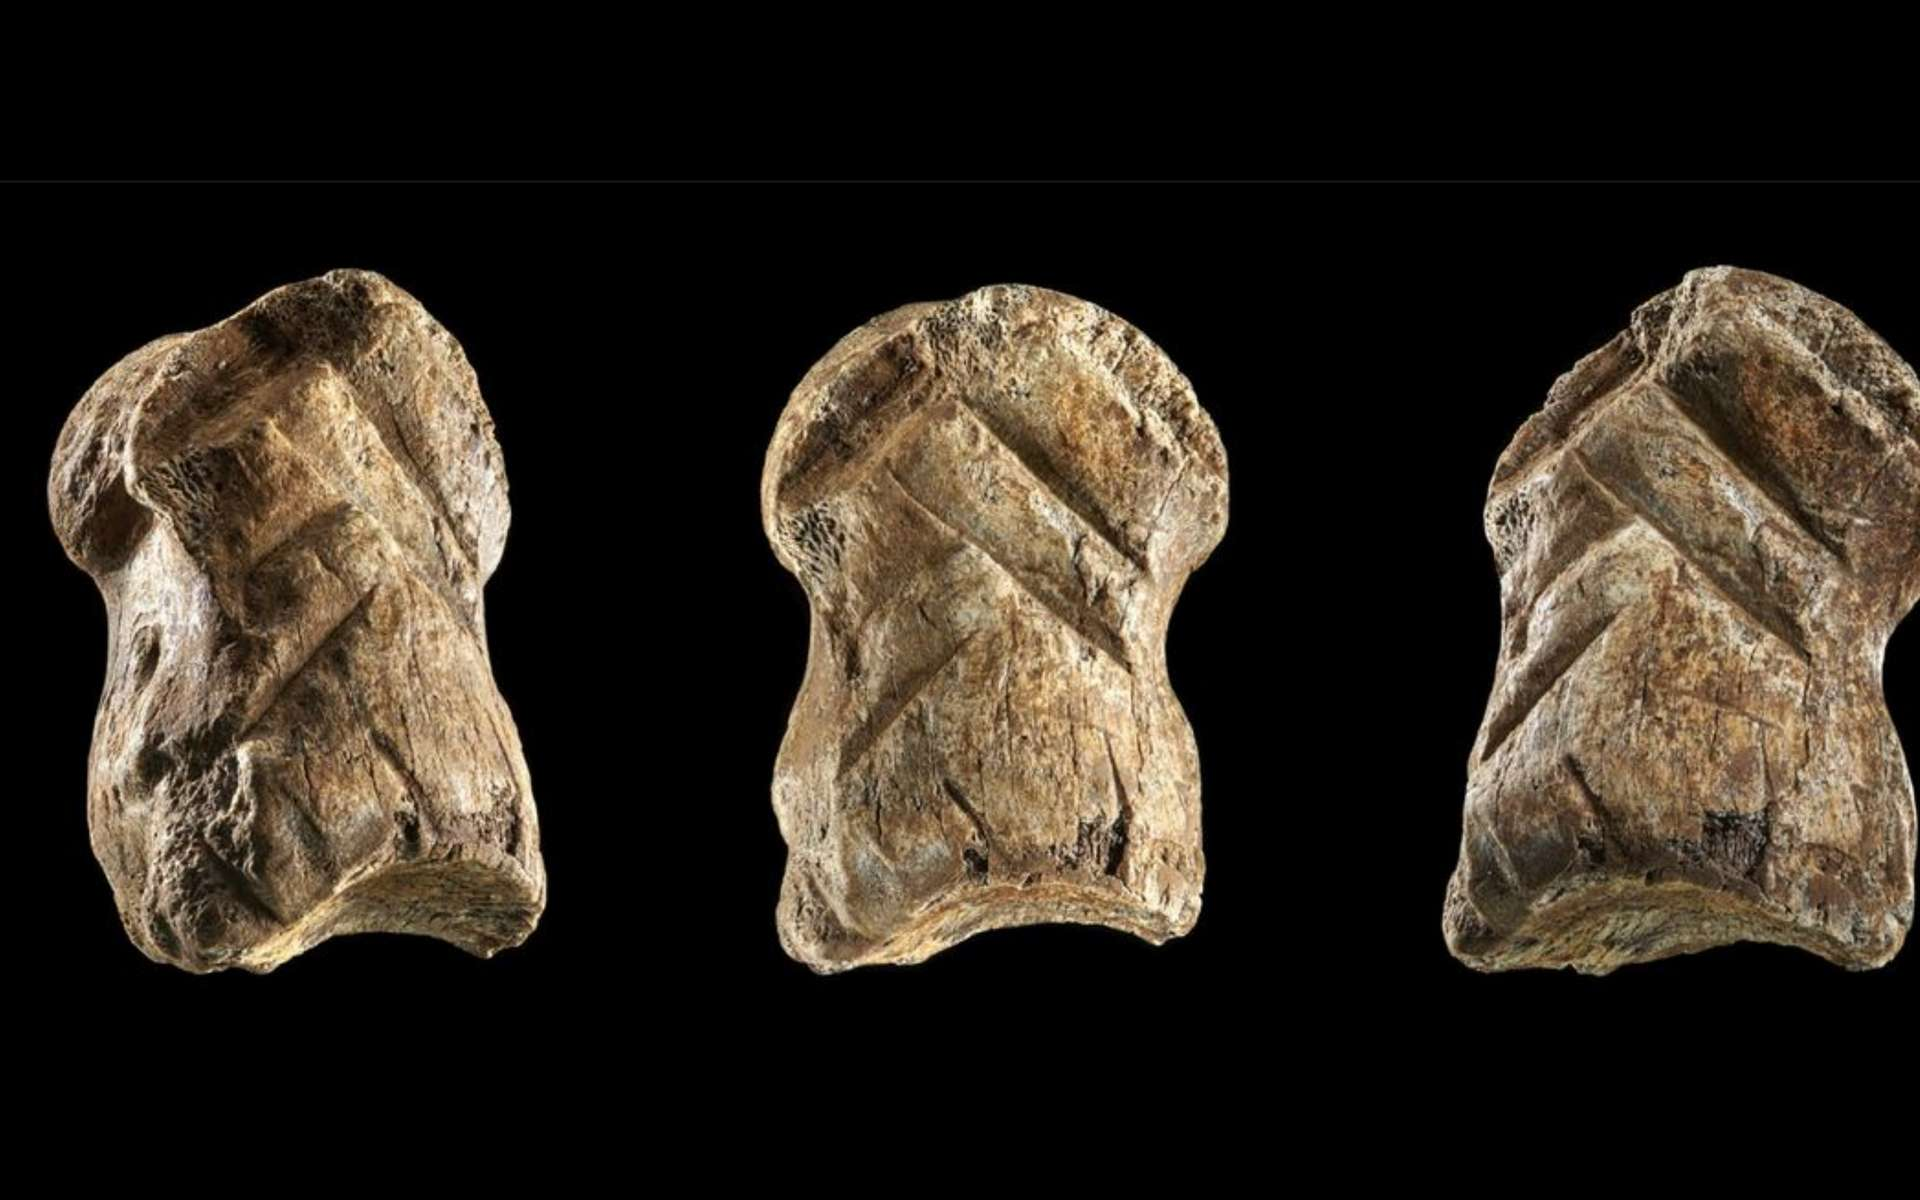 Une phalange de mégacéros gravée par Néandertal a été trouvée dans une ancienne grotte allemande. © Leder et al., 2021